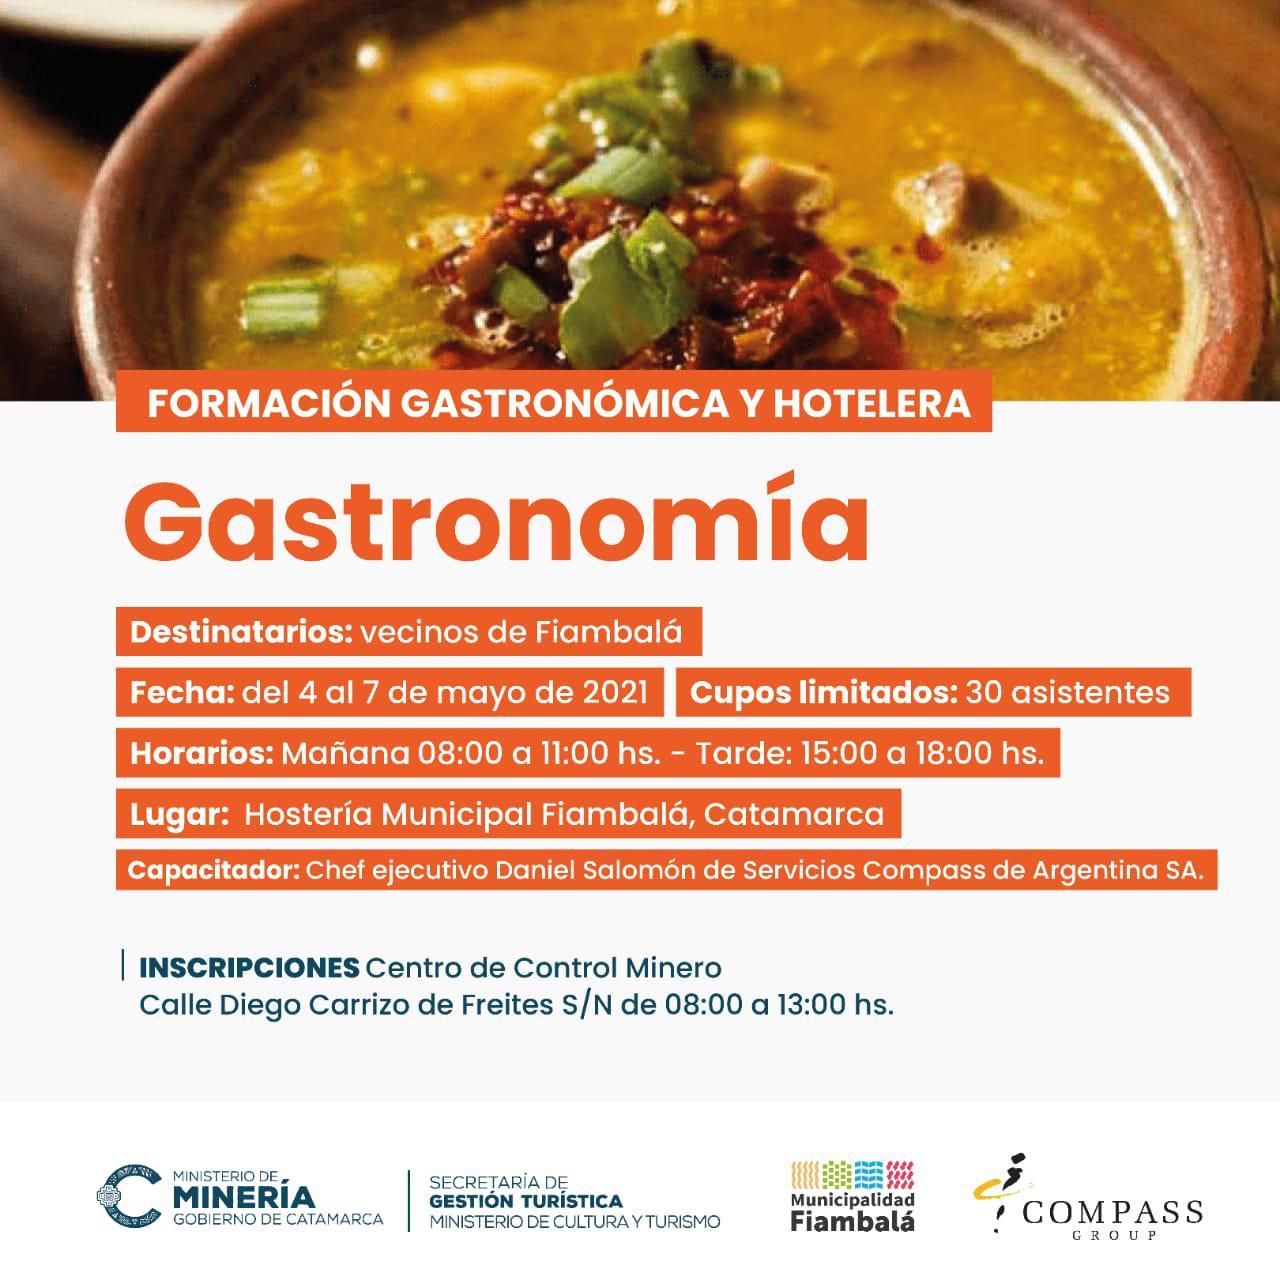 Gastronomía Fiambalá